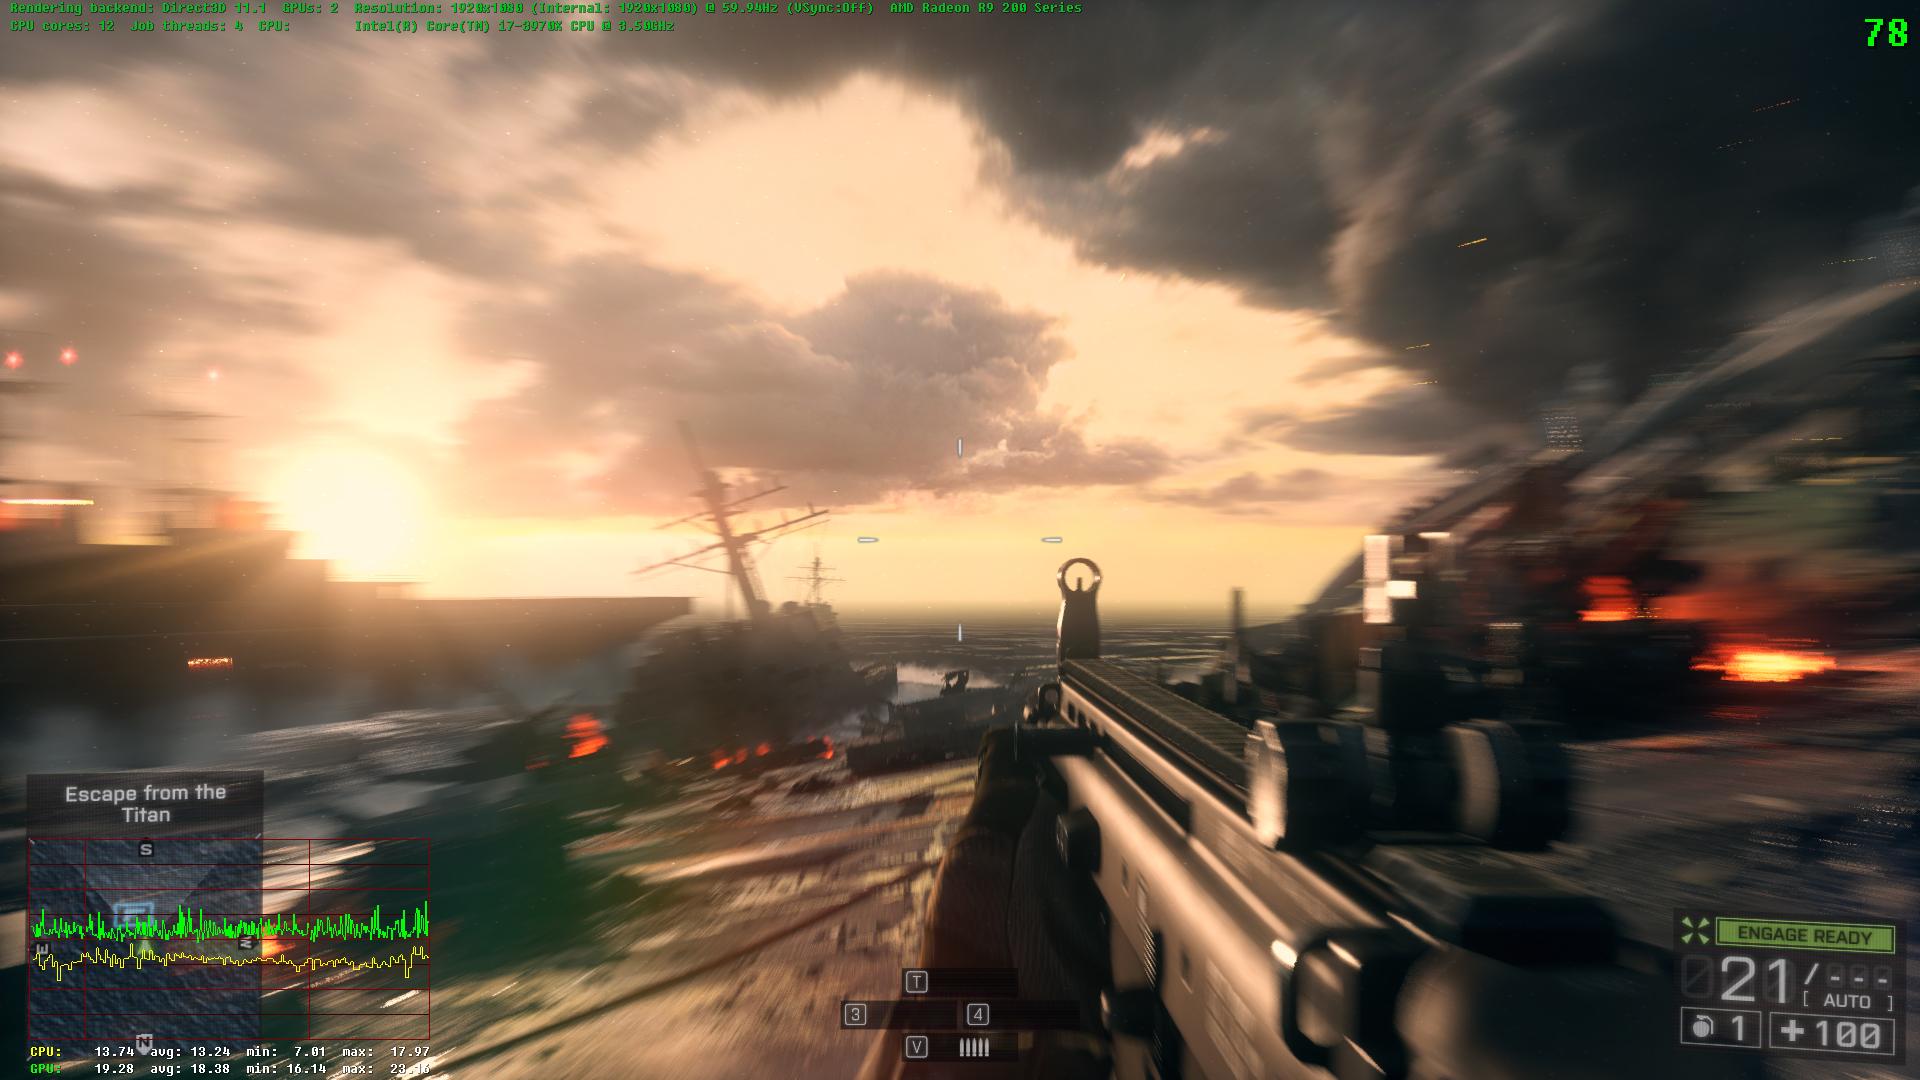 30 oder 60 Fps: Videovergleich mit Battlefield 4, Sleeping Dogs und ...